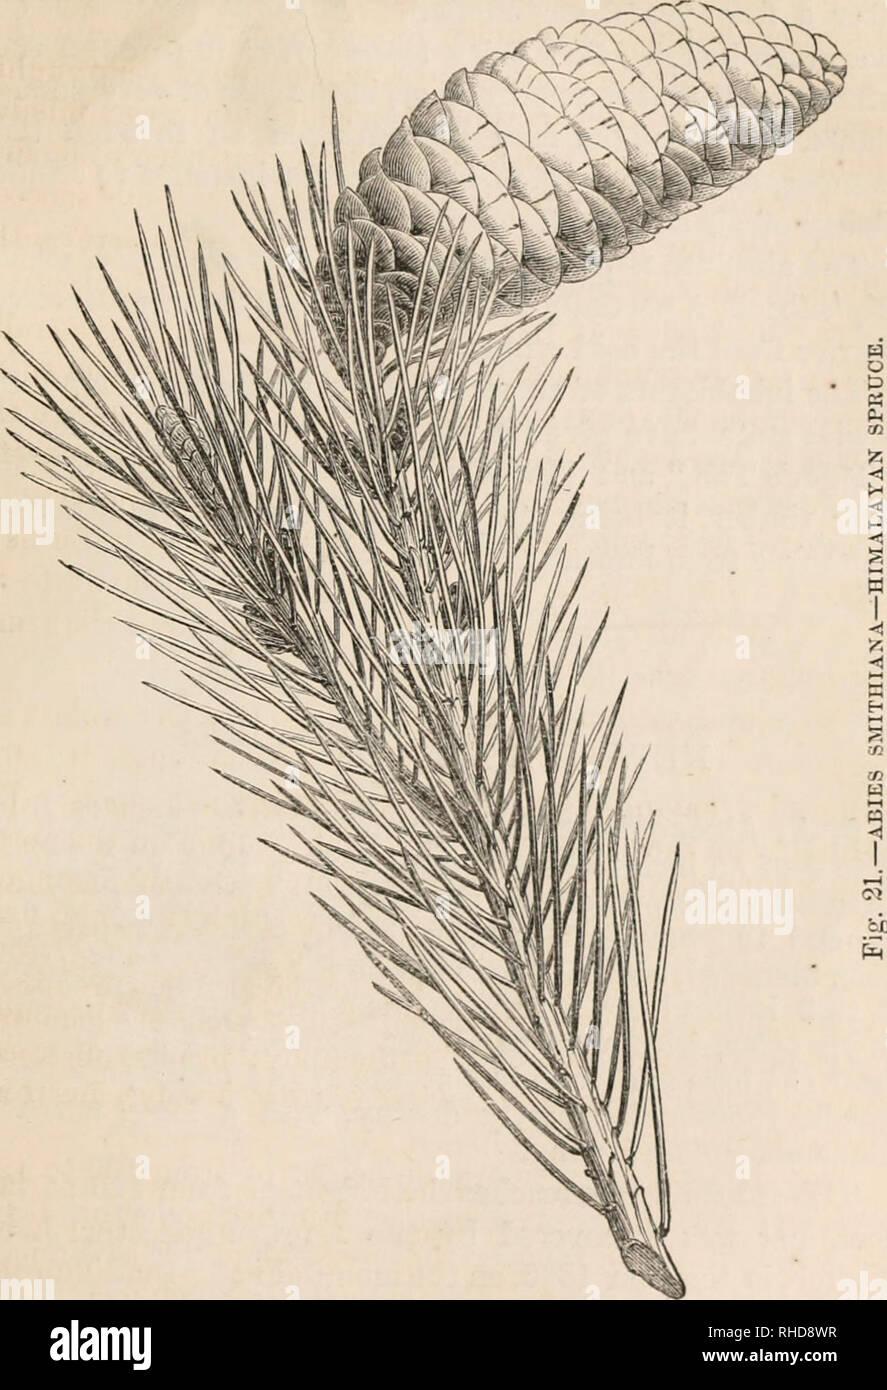 Foto Di Piante Sempreverdi il libro di sempreverdi, un pratico trattato sul coniferae